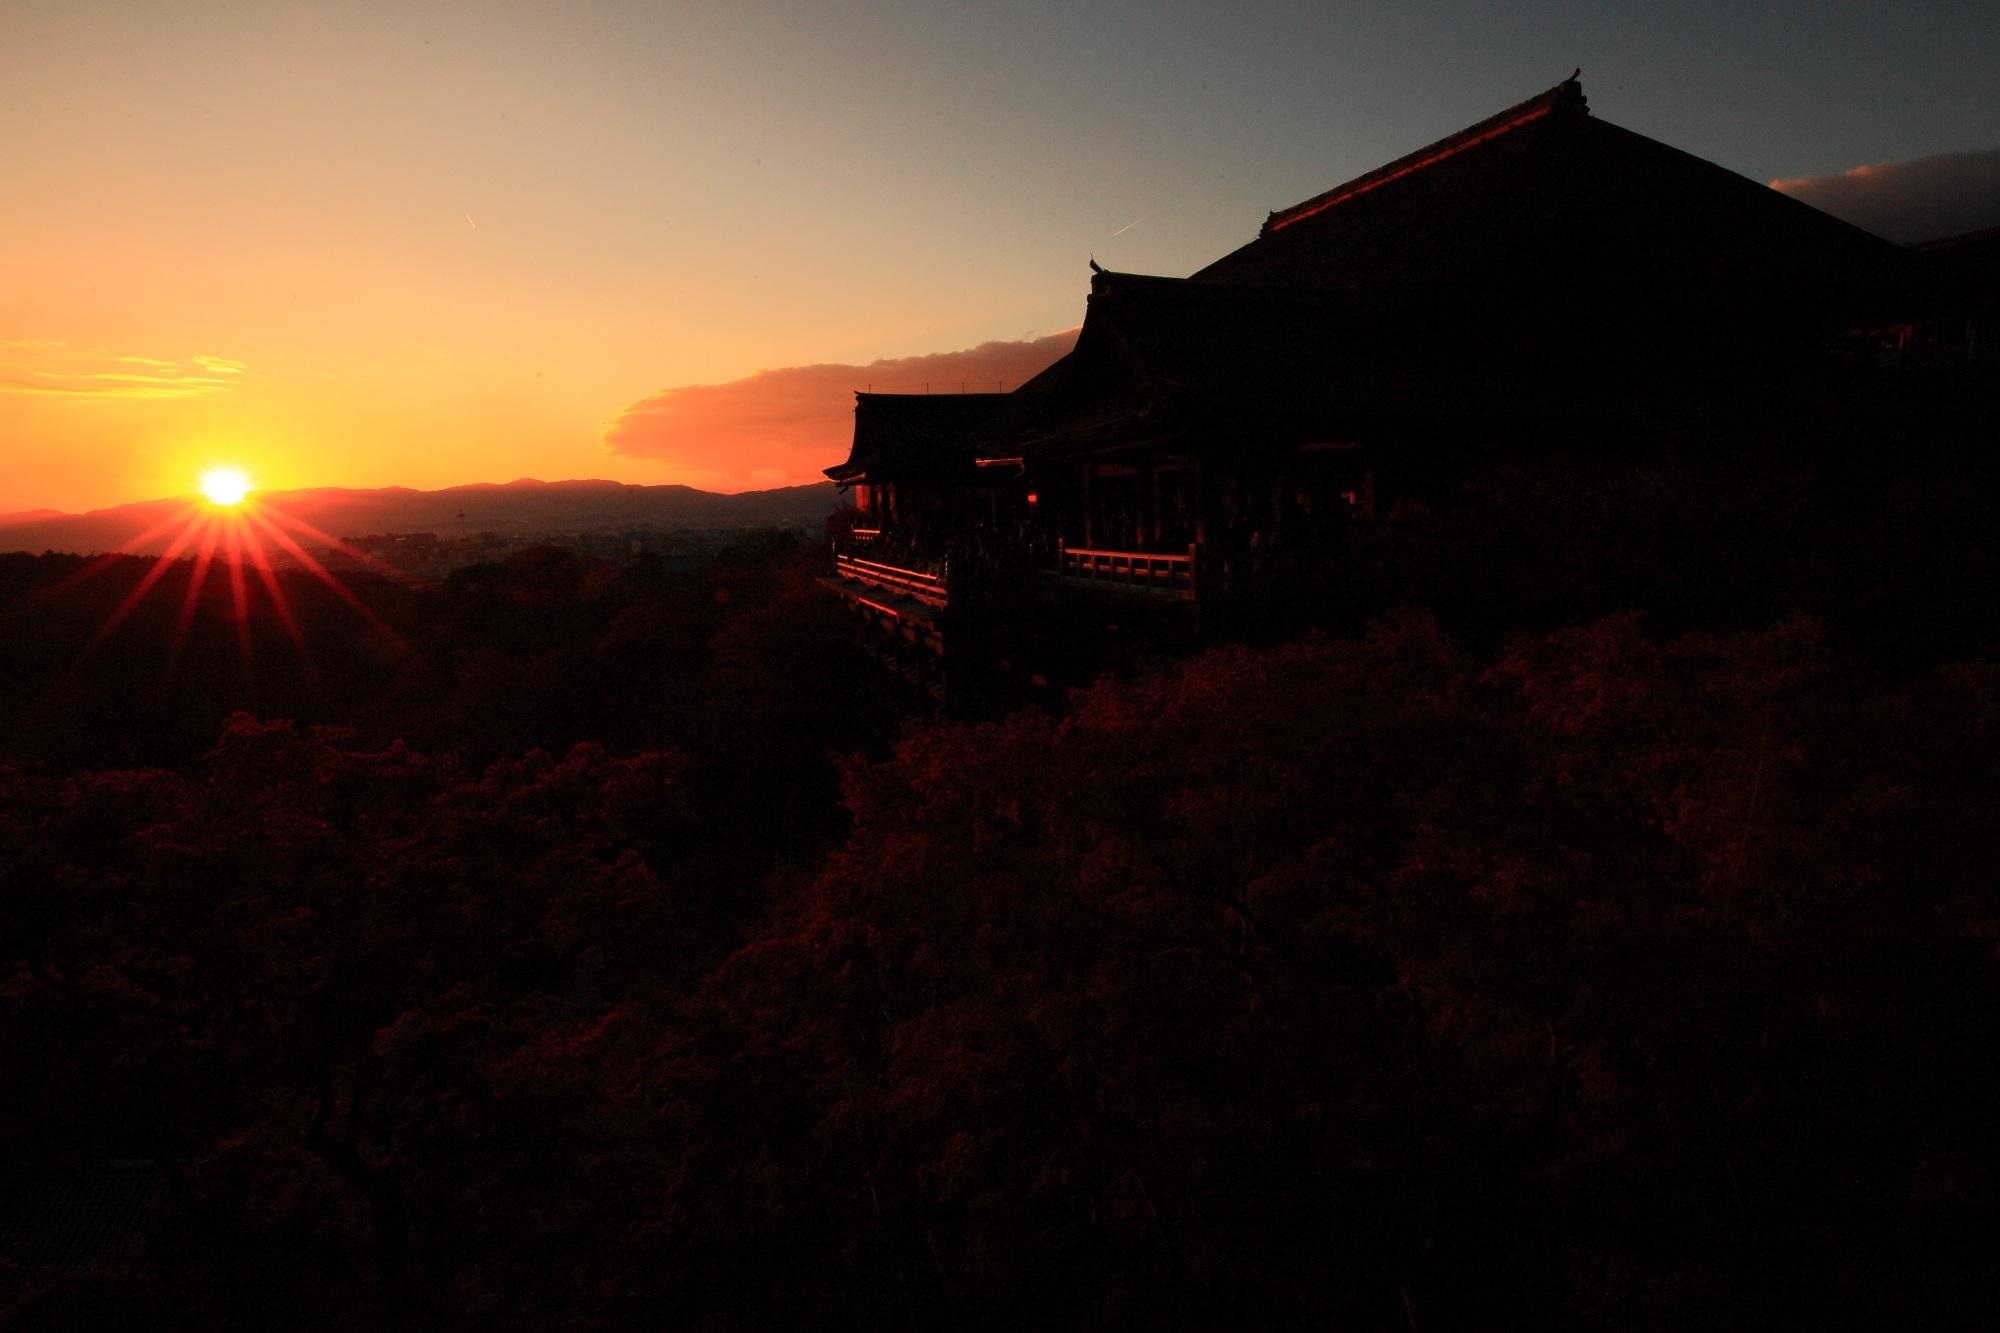 清水寺の美しすぎる本堂と夕陽